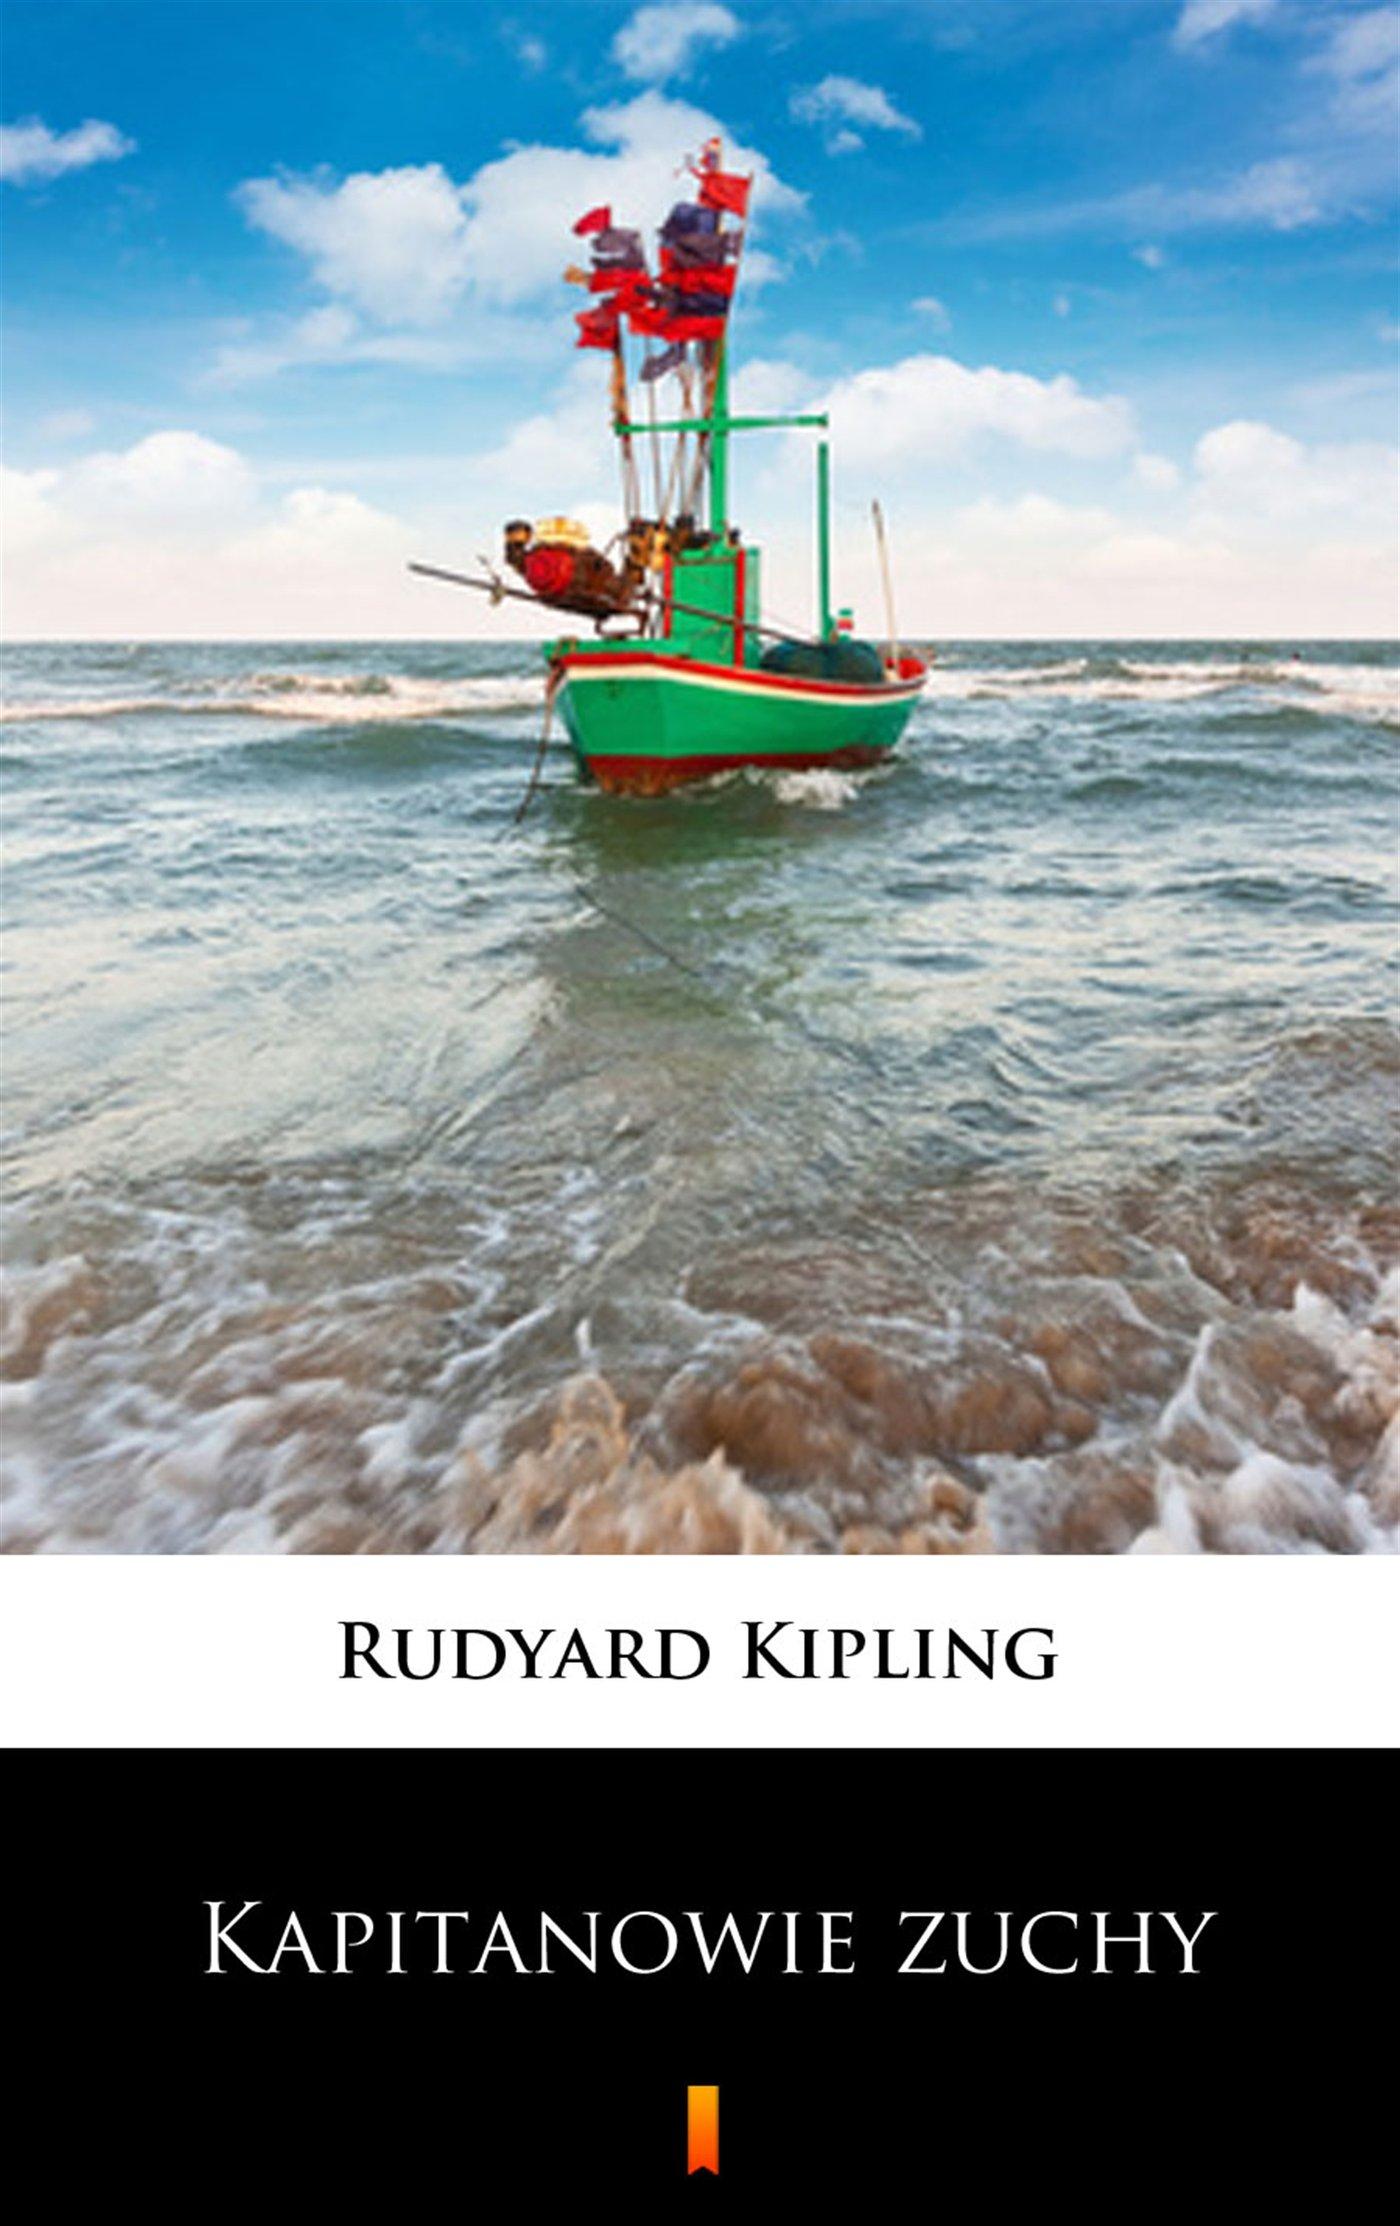 Kapitanowie zuchy - Ebook (Książka EPUB) do pobrania w formacie EPUB